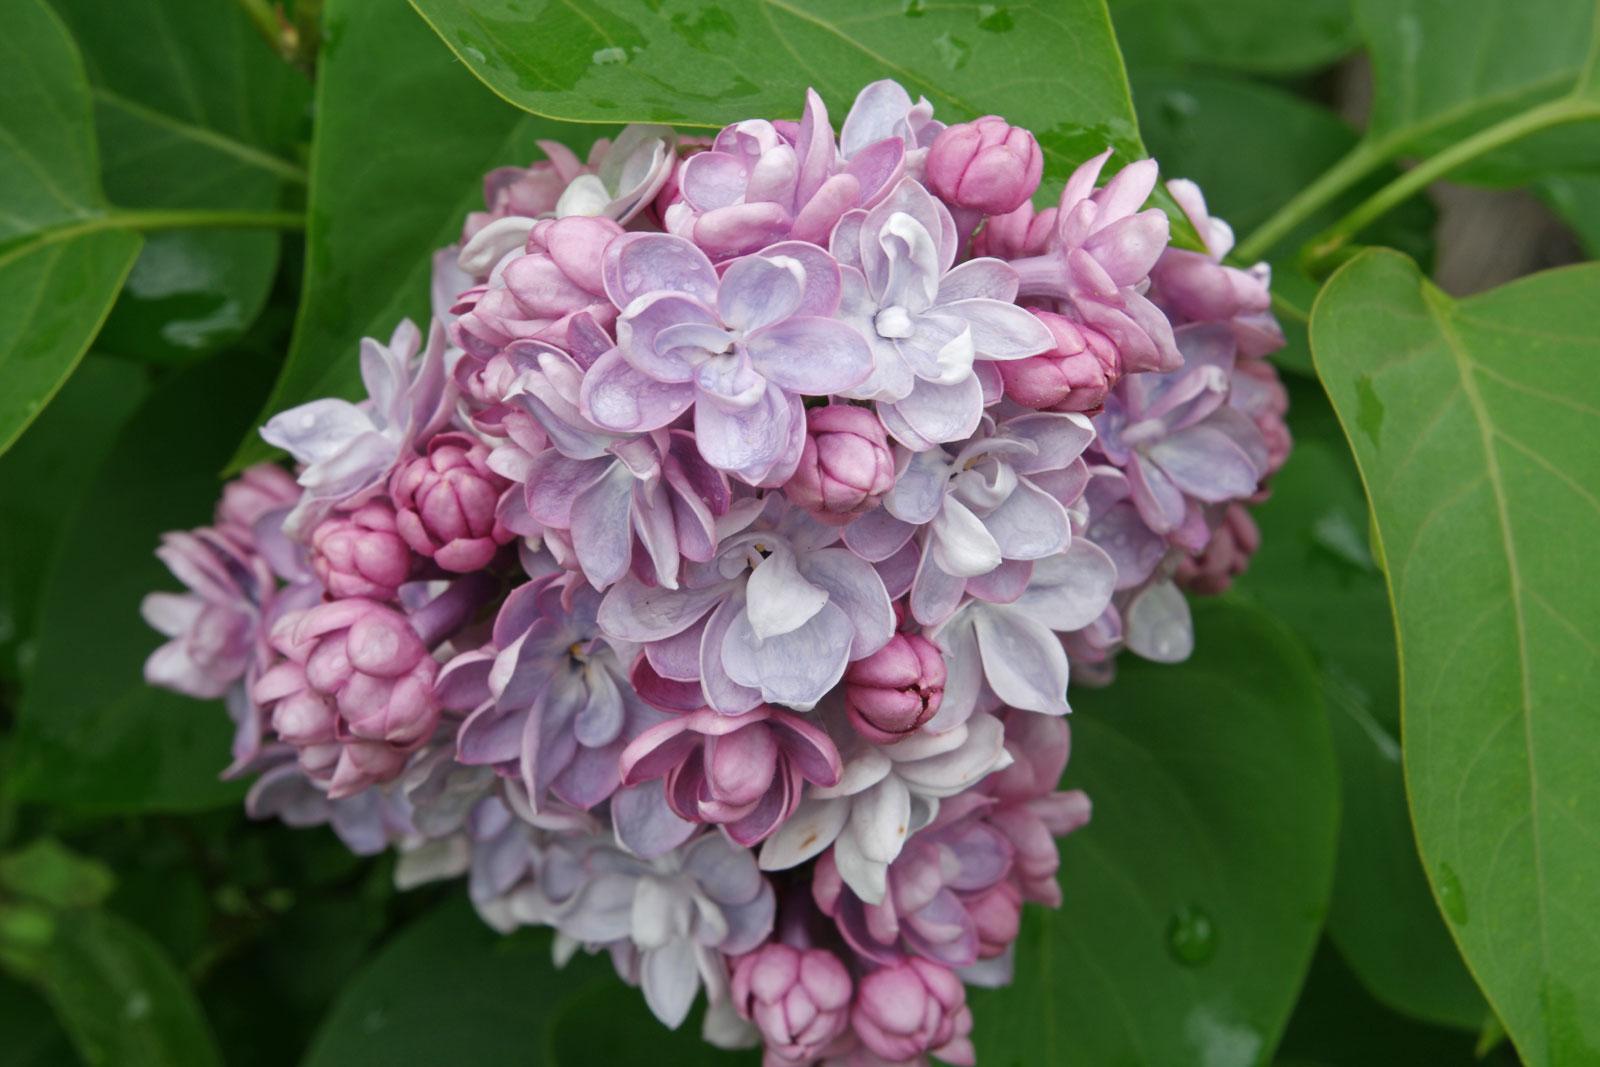 Syringa vulgaris cv